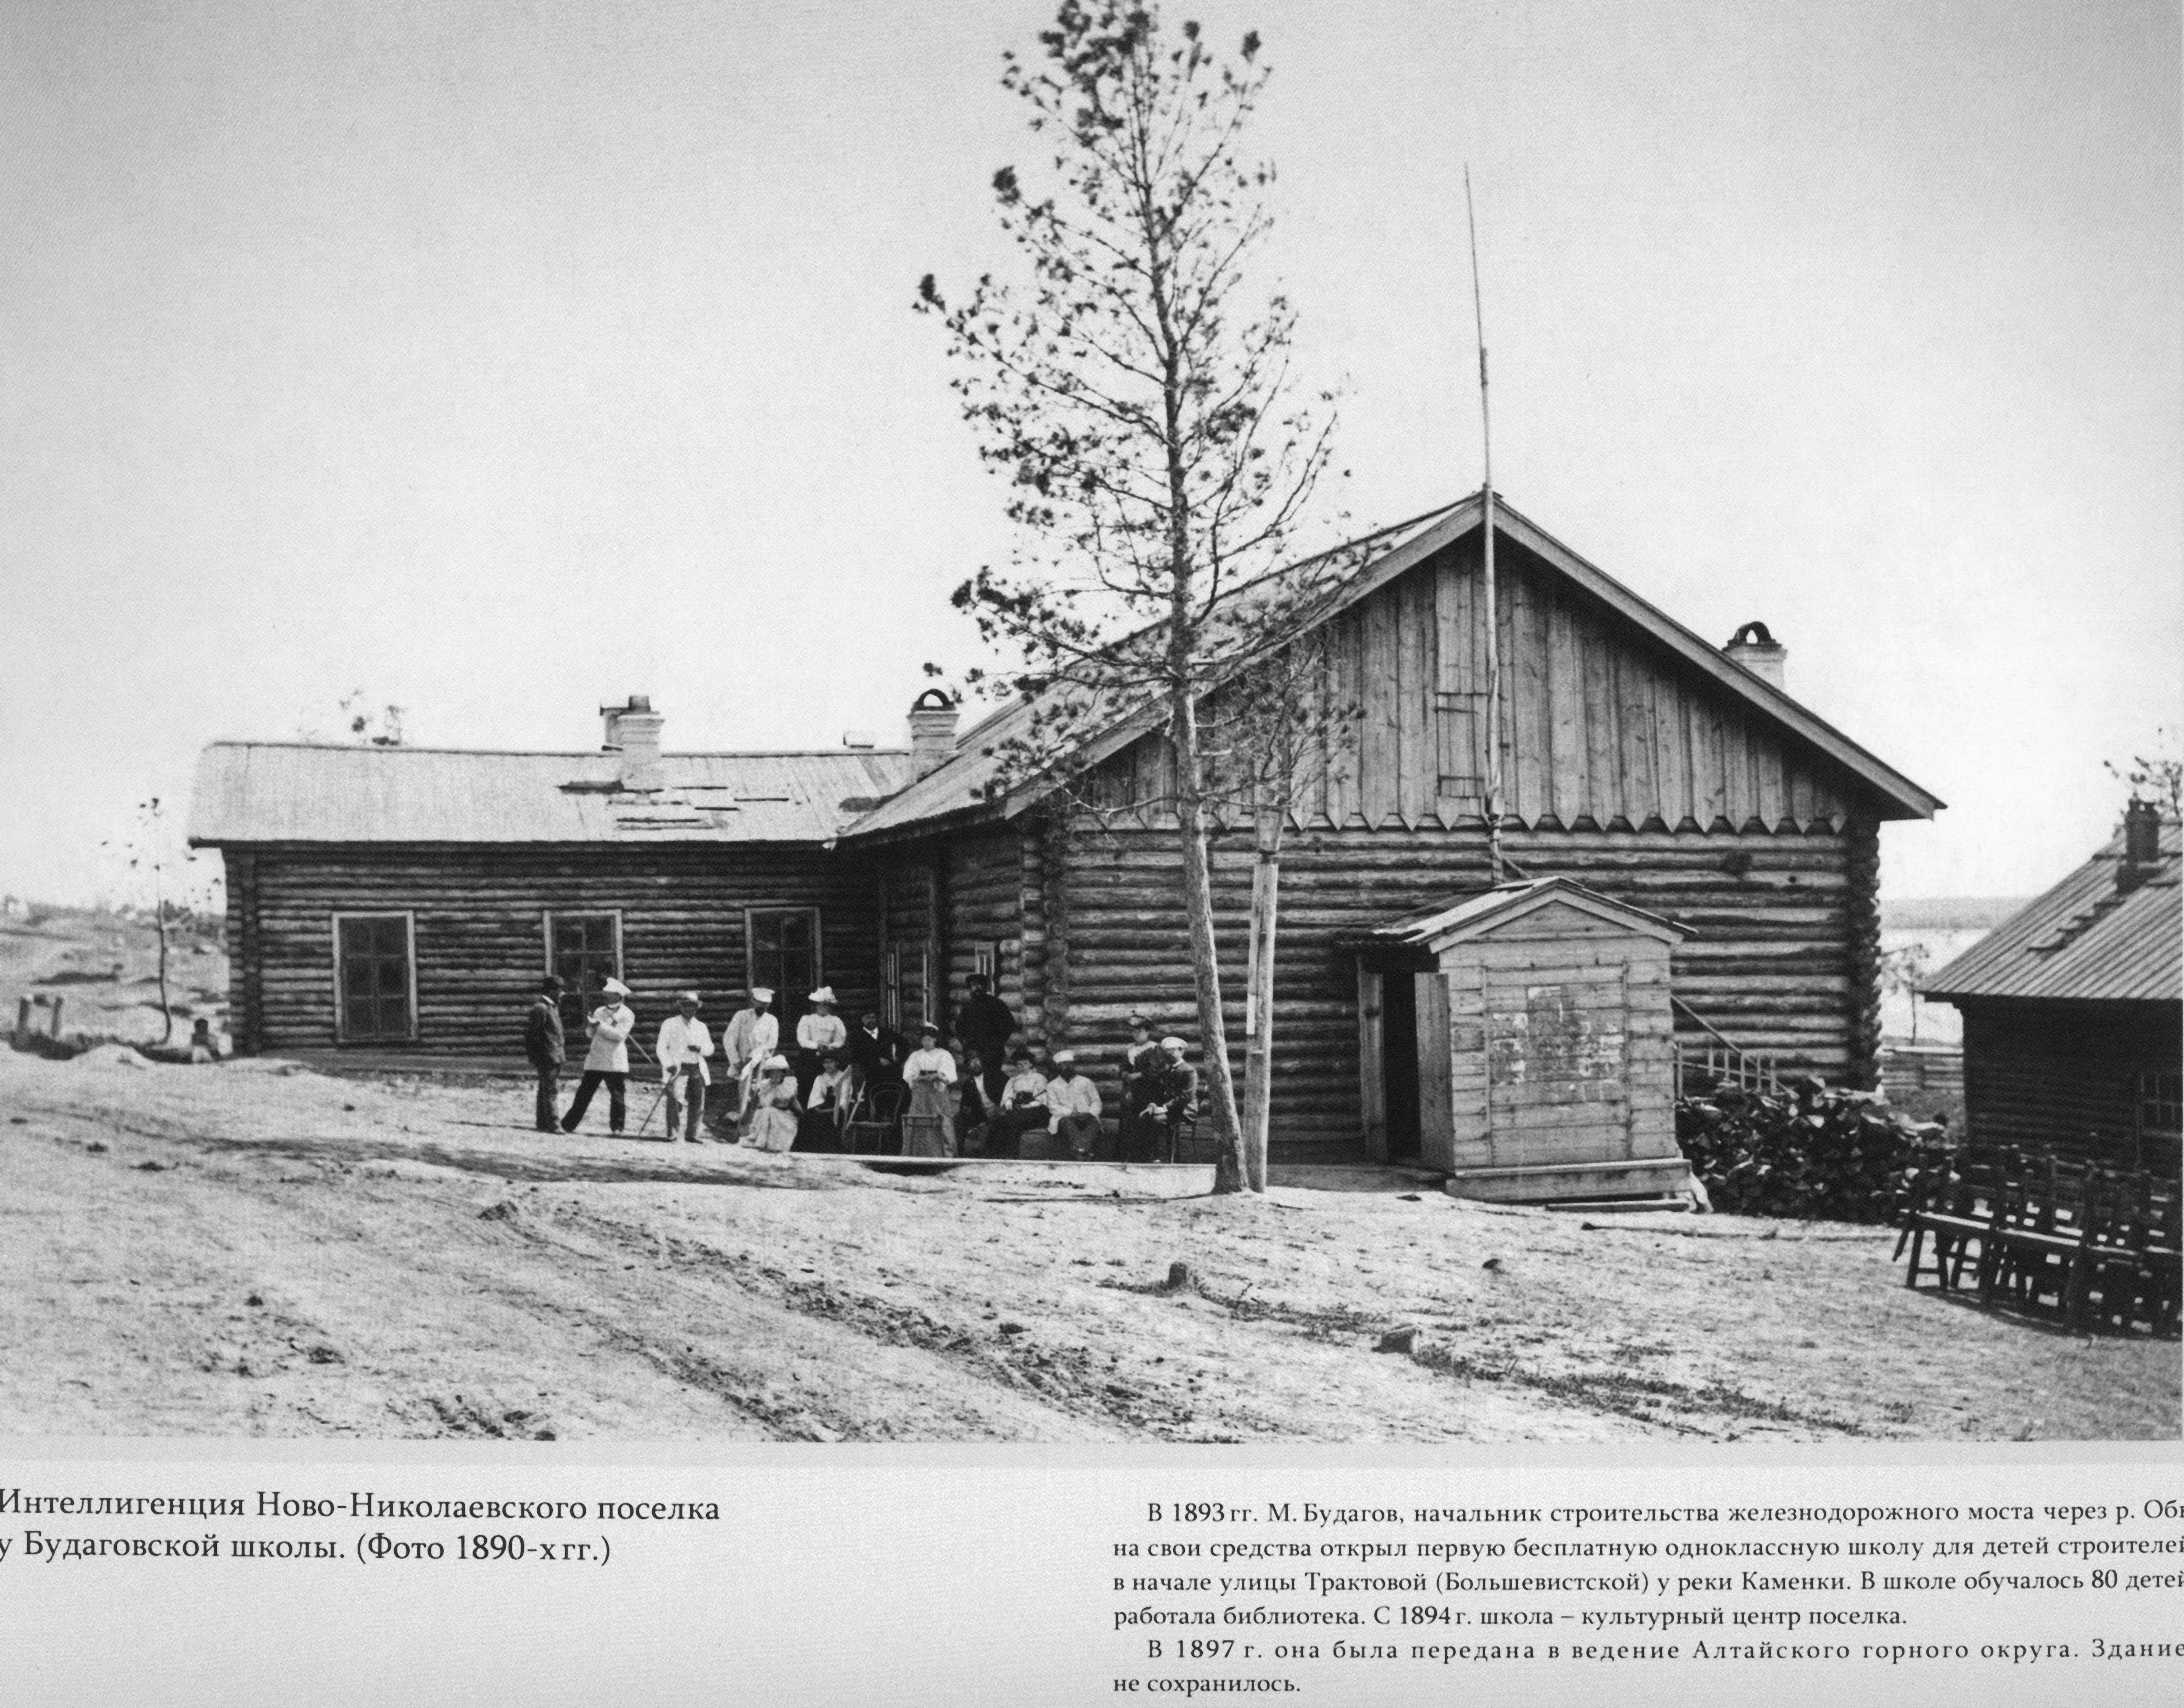 Городская интеллигенция у Будаговской школы, 1890-е годы